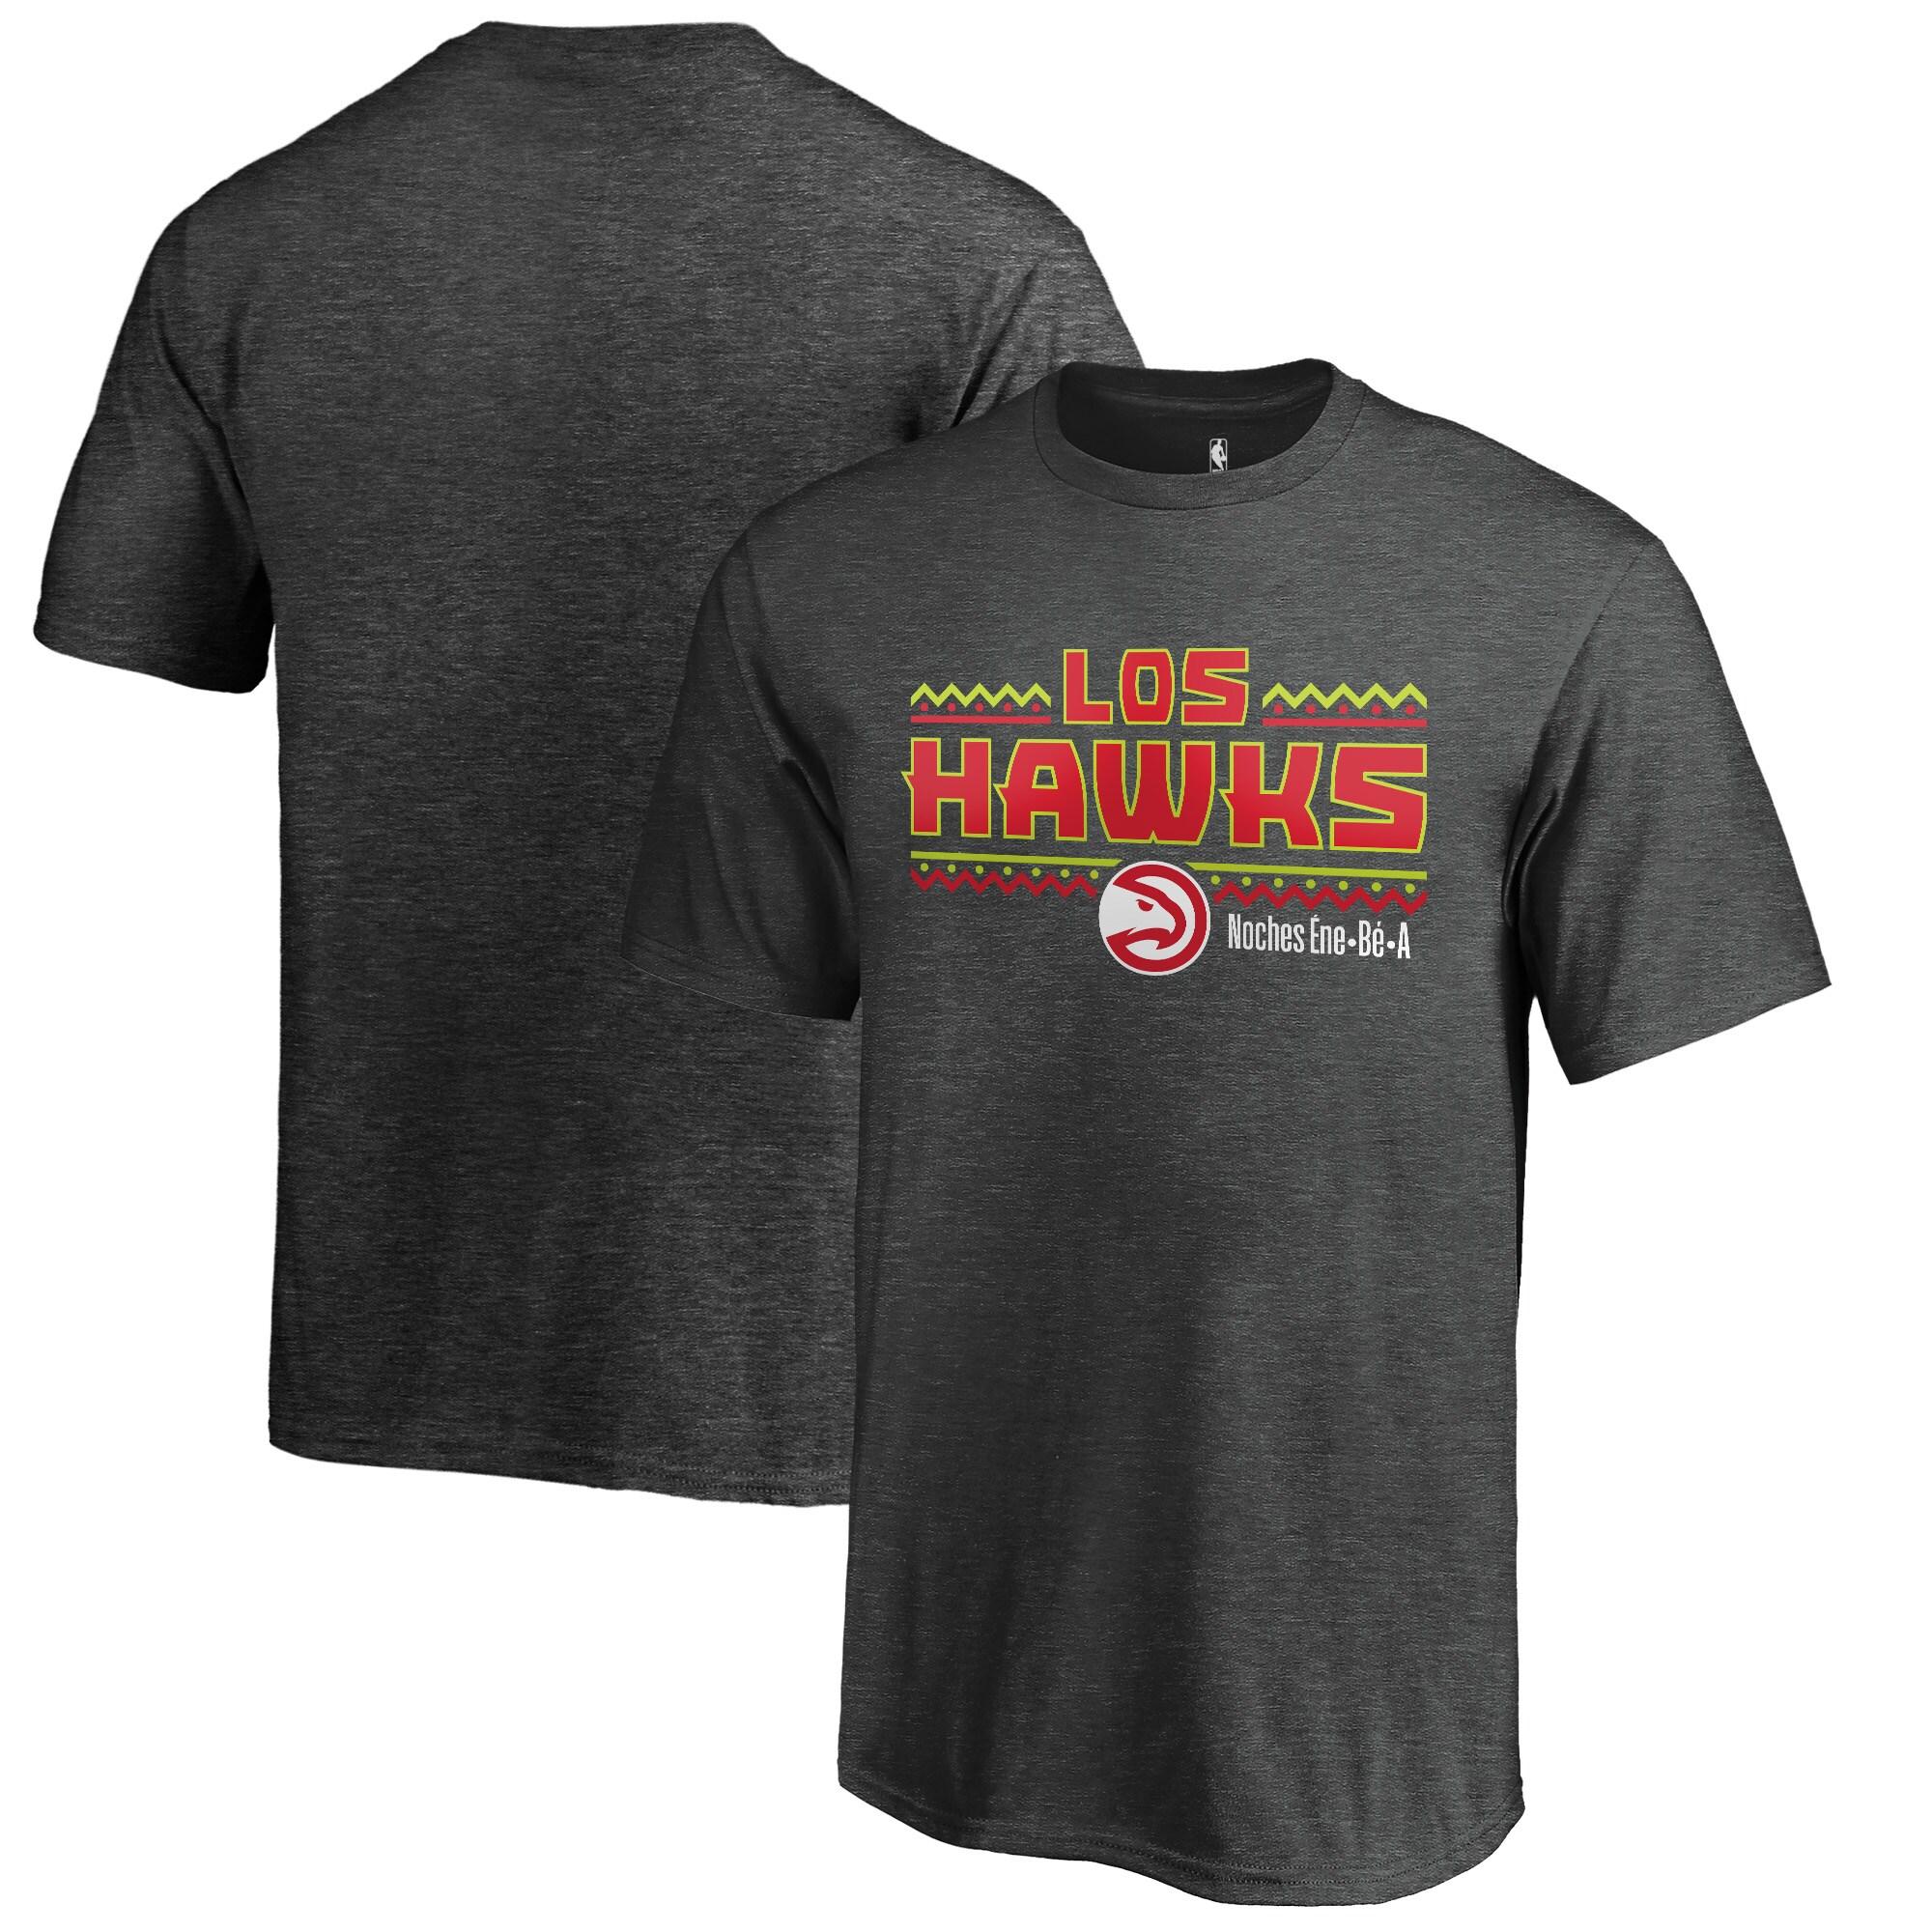 Atlanta Hawks Fanatics Branded Youth Noches Ene-Be-A T-Shirt - Heather Gray